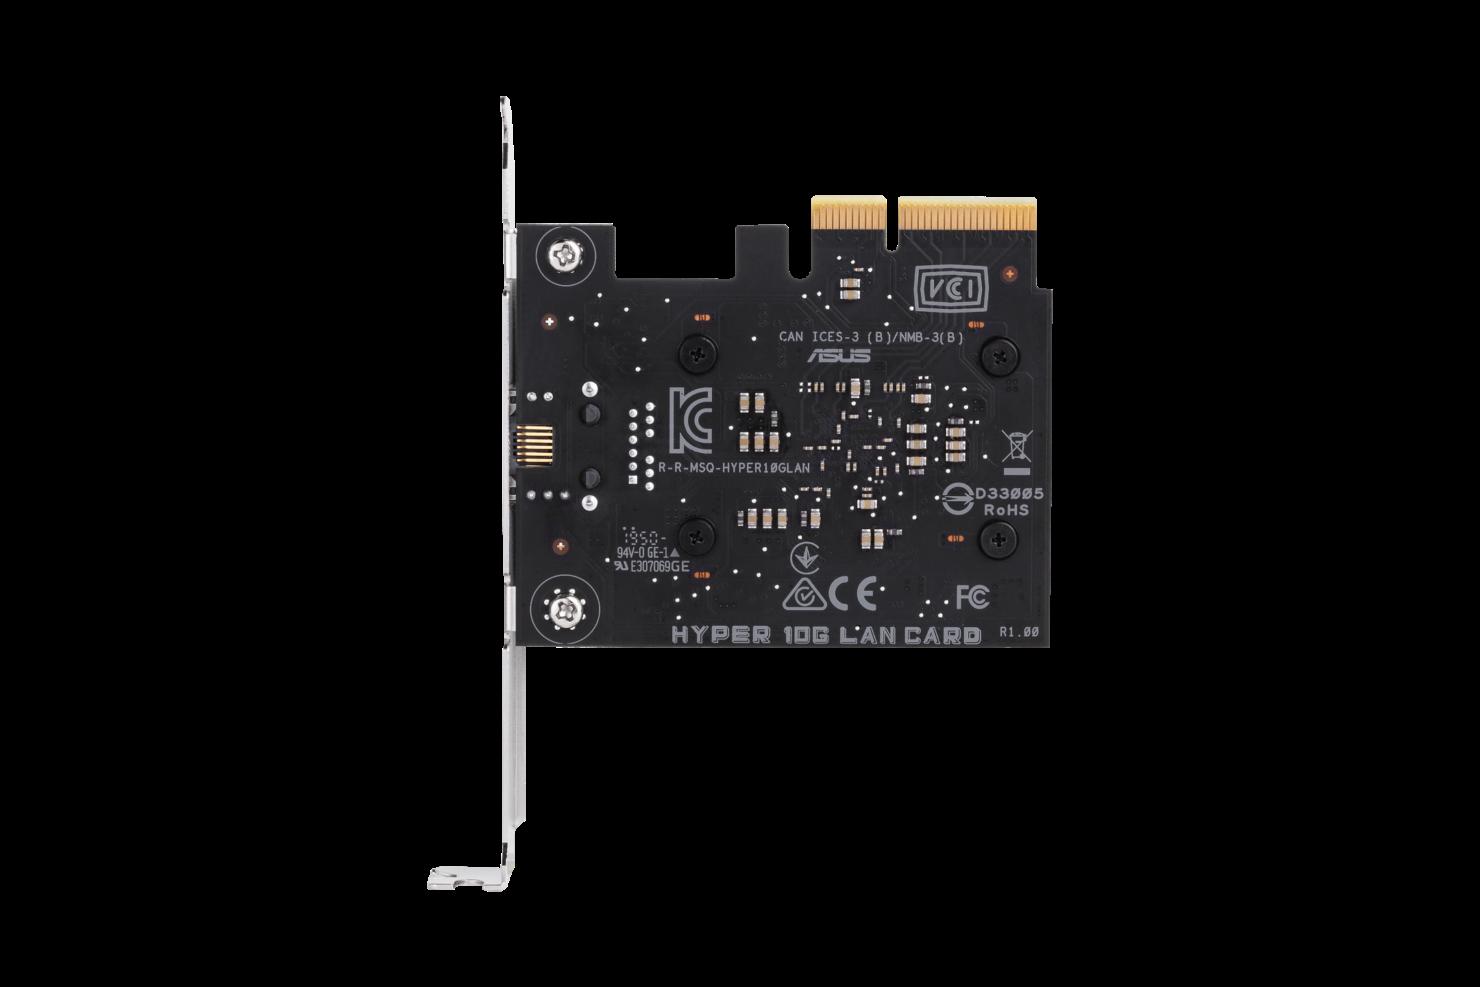 hyper-10g-lan-card_2d-2-custom